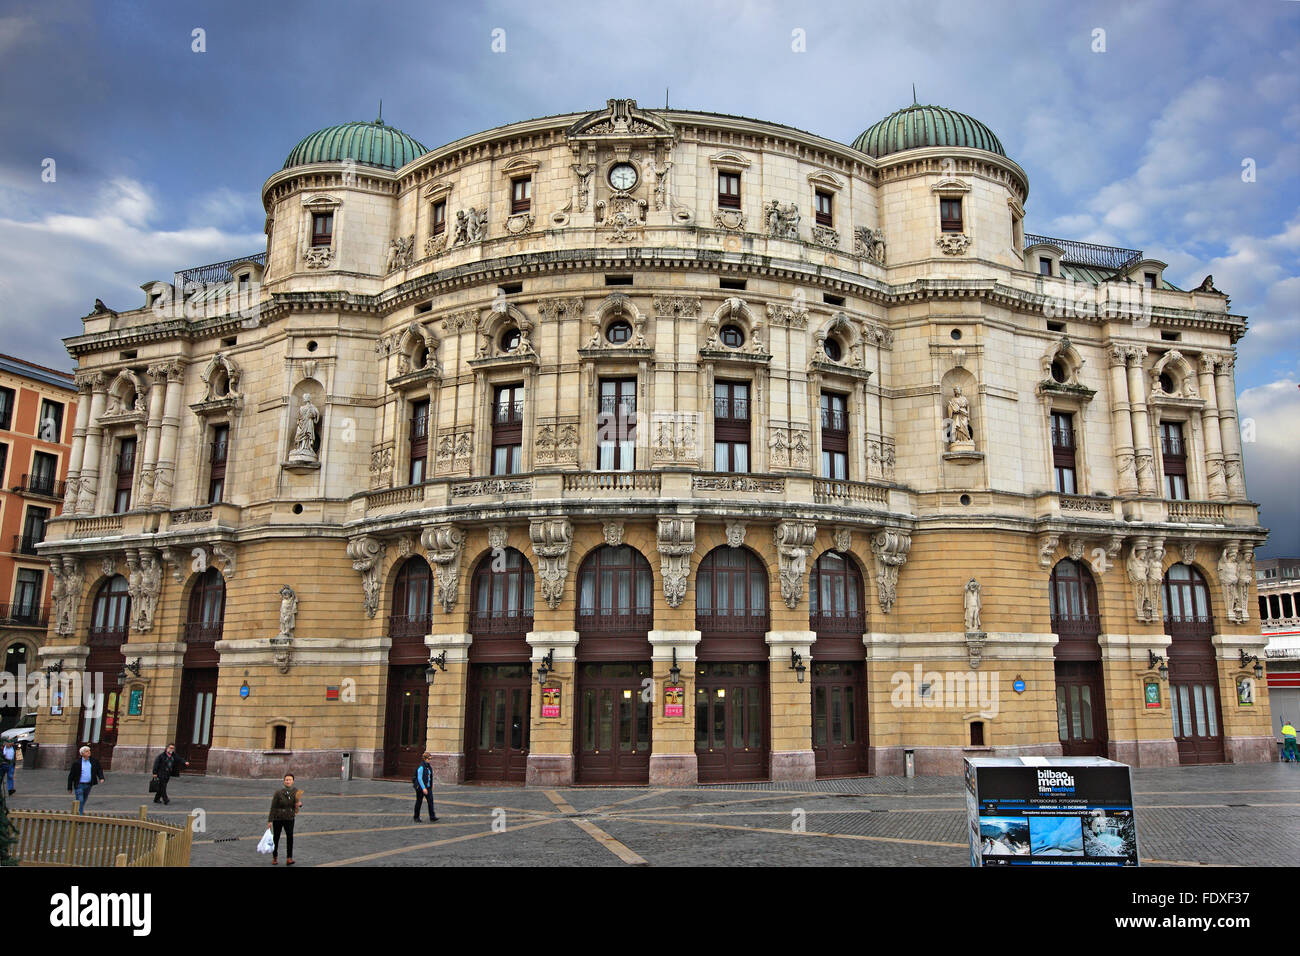 La facciata del Teatro Arriaga al Casco Viejo (il quartiere vecchio) della città di Bilbao, Paesi Baschi, Spagna. Immagini Stock